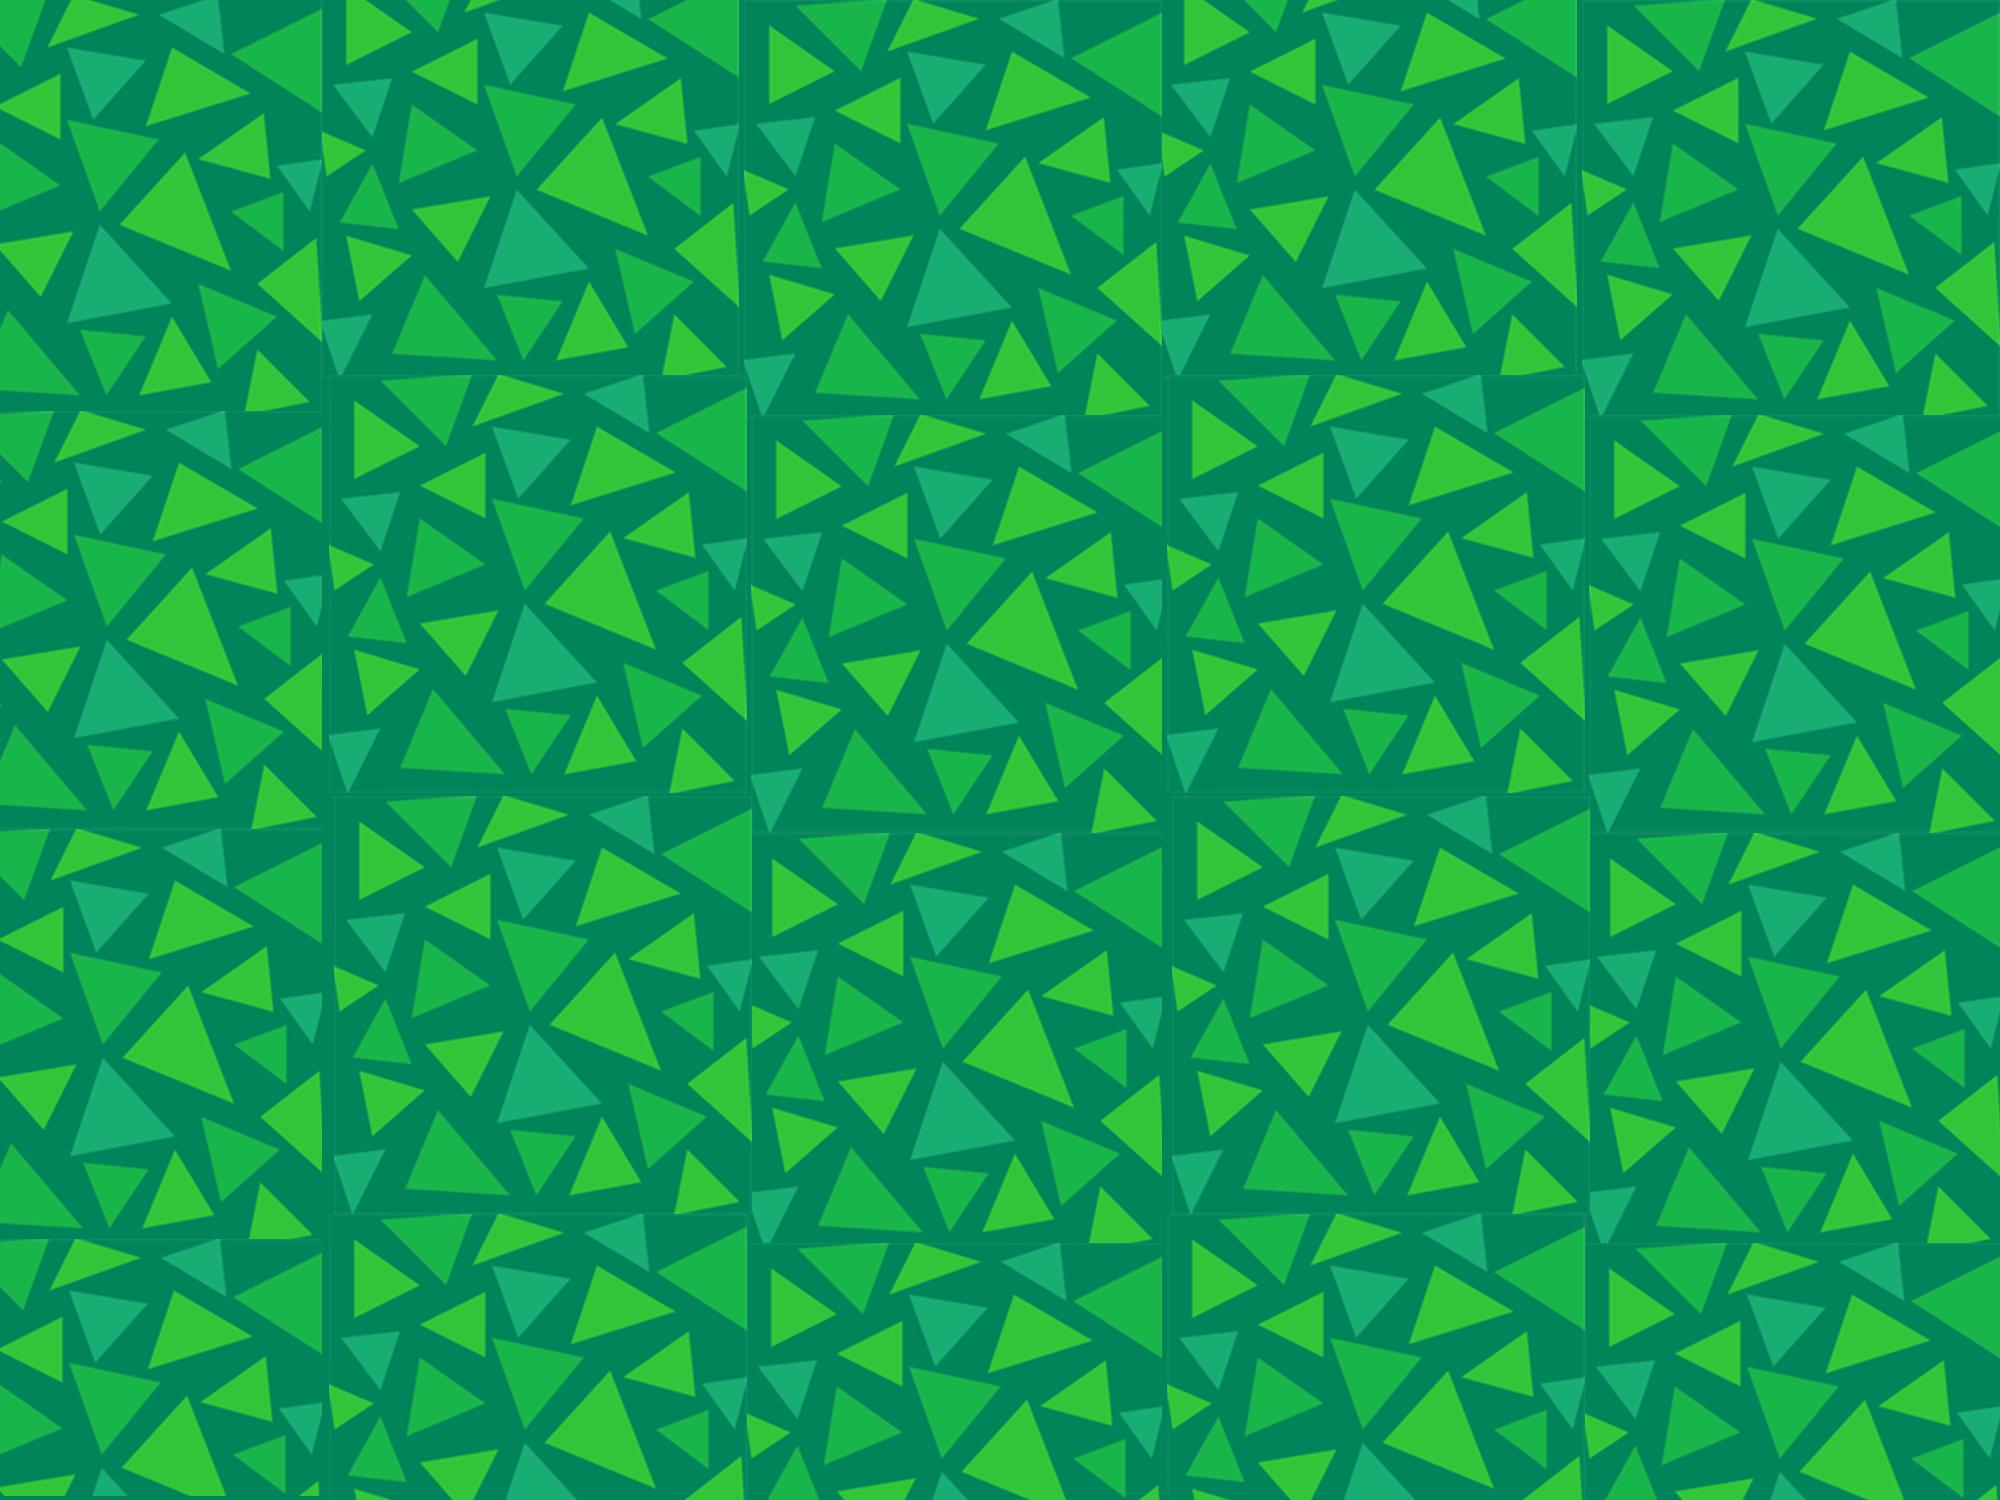 Animal Crossing Images Download Pixelstalk Net